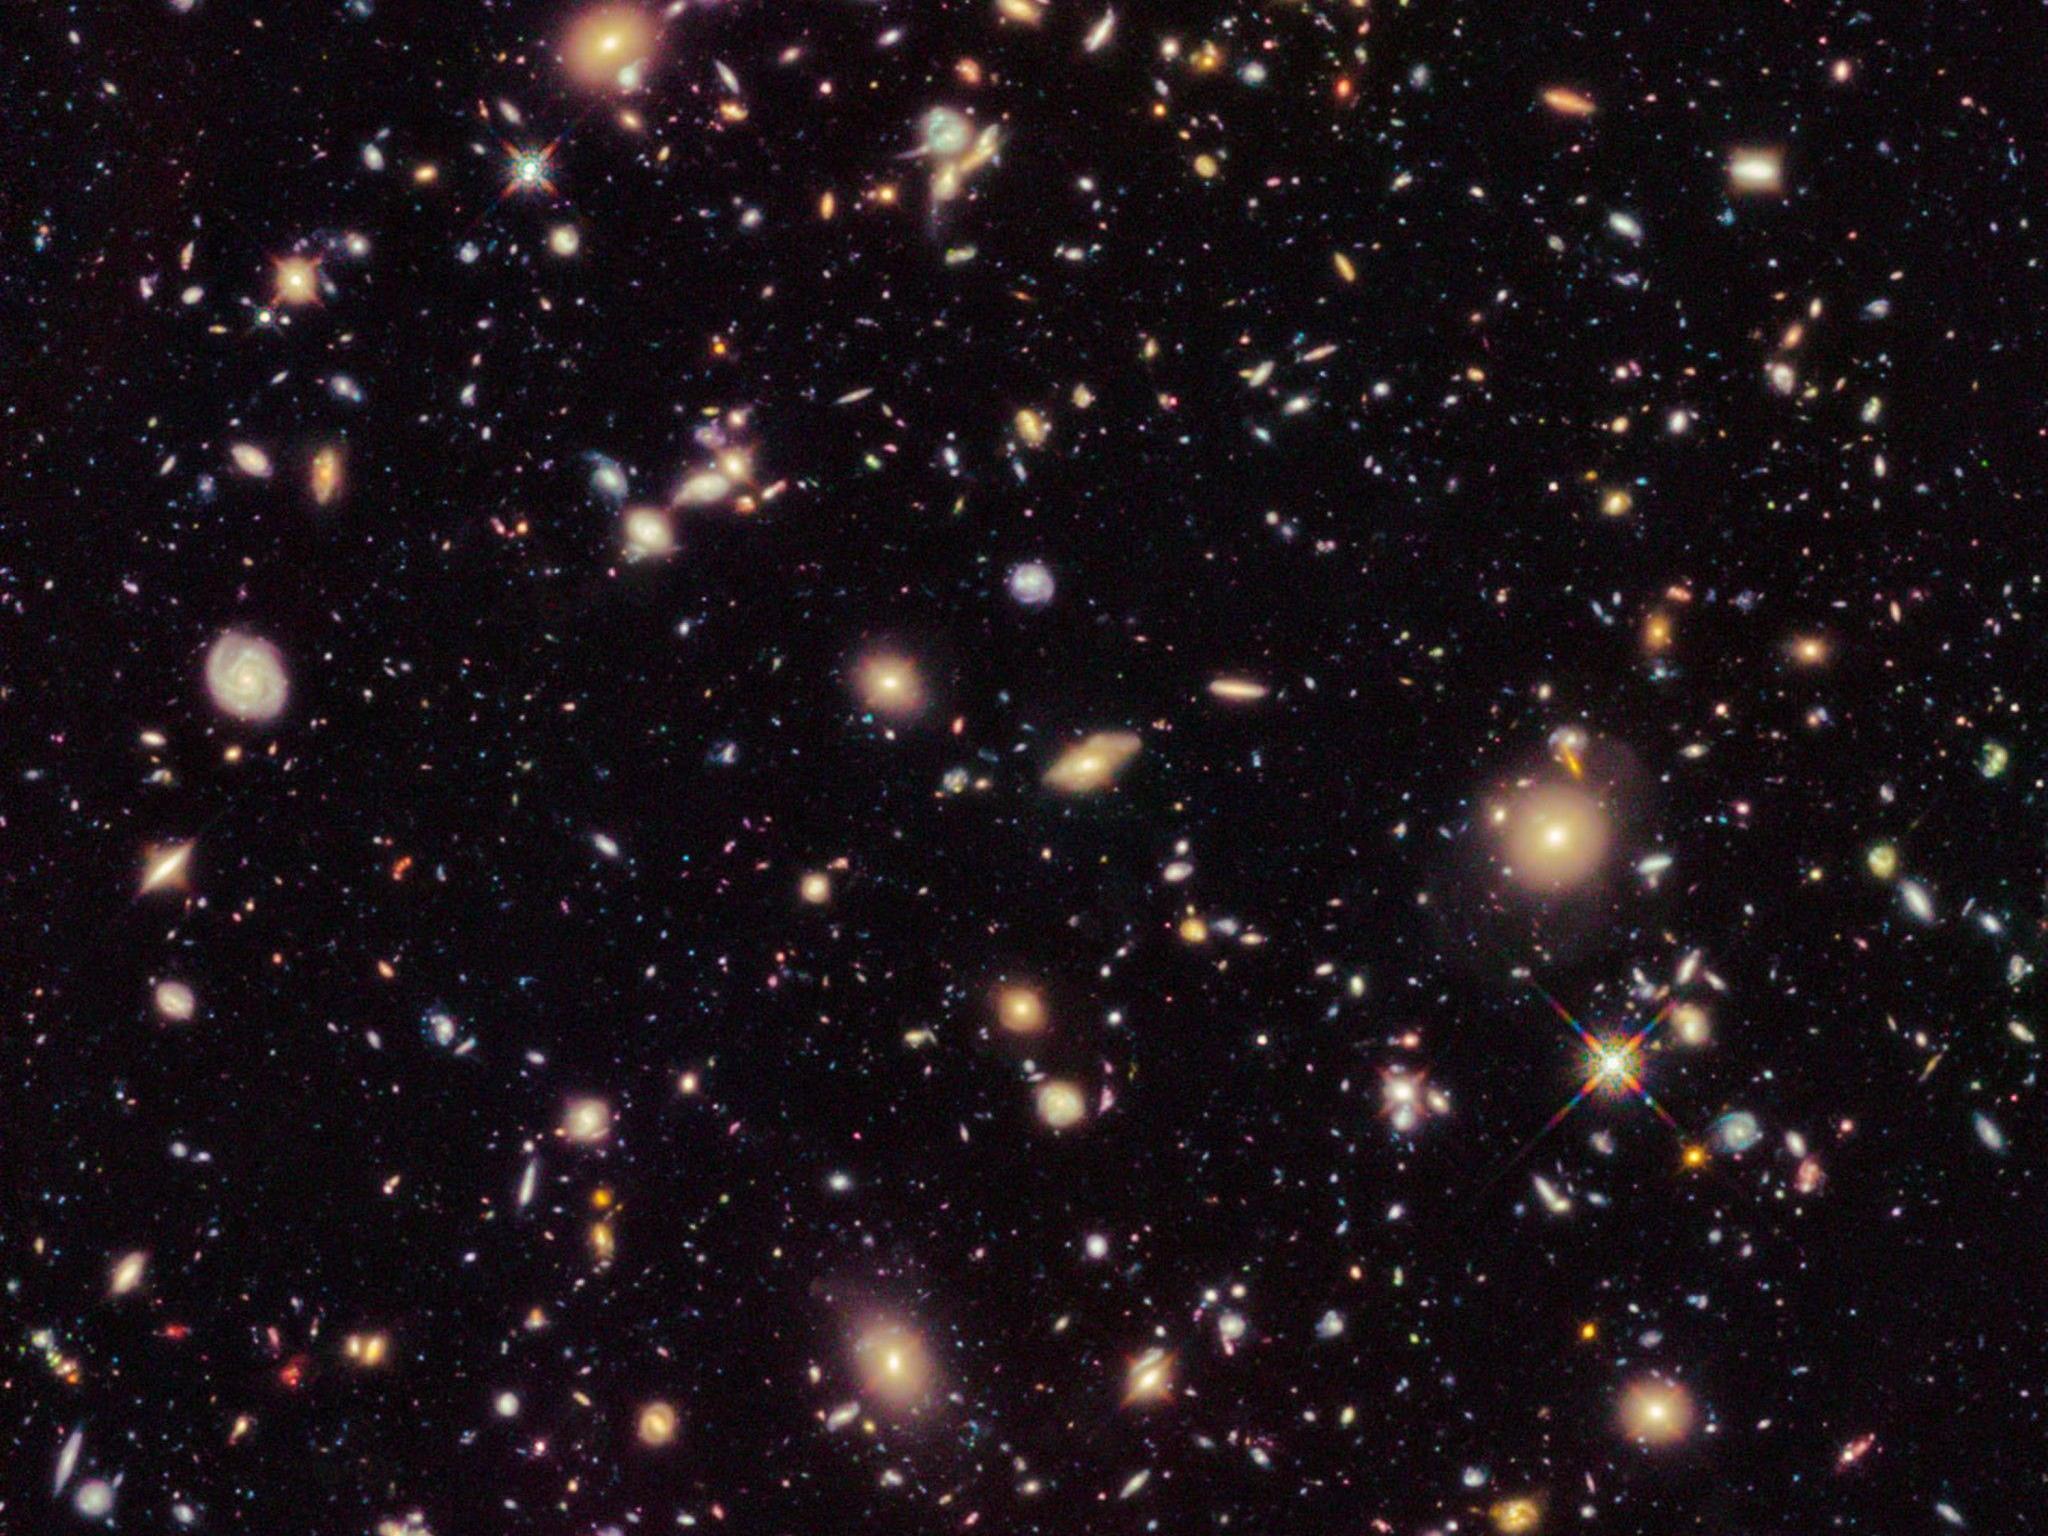 Galaxien Gehören zu ältesten und am weitesten entferntesten je gesichteten